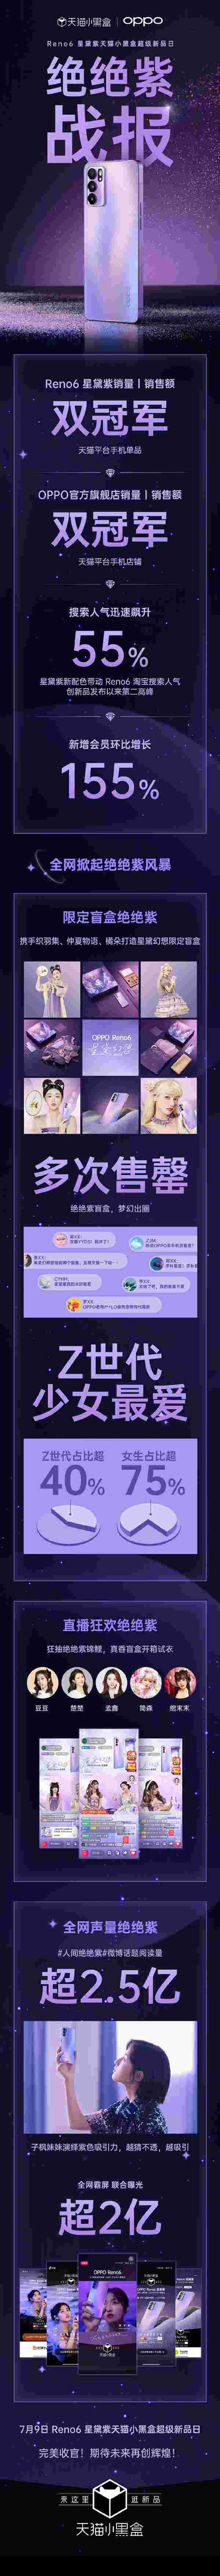 OPPO Reno6星黛紫首销斩获天猫手机单品销量冠军:2799元